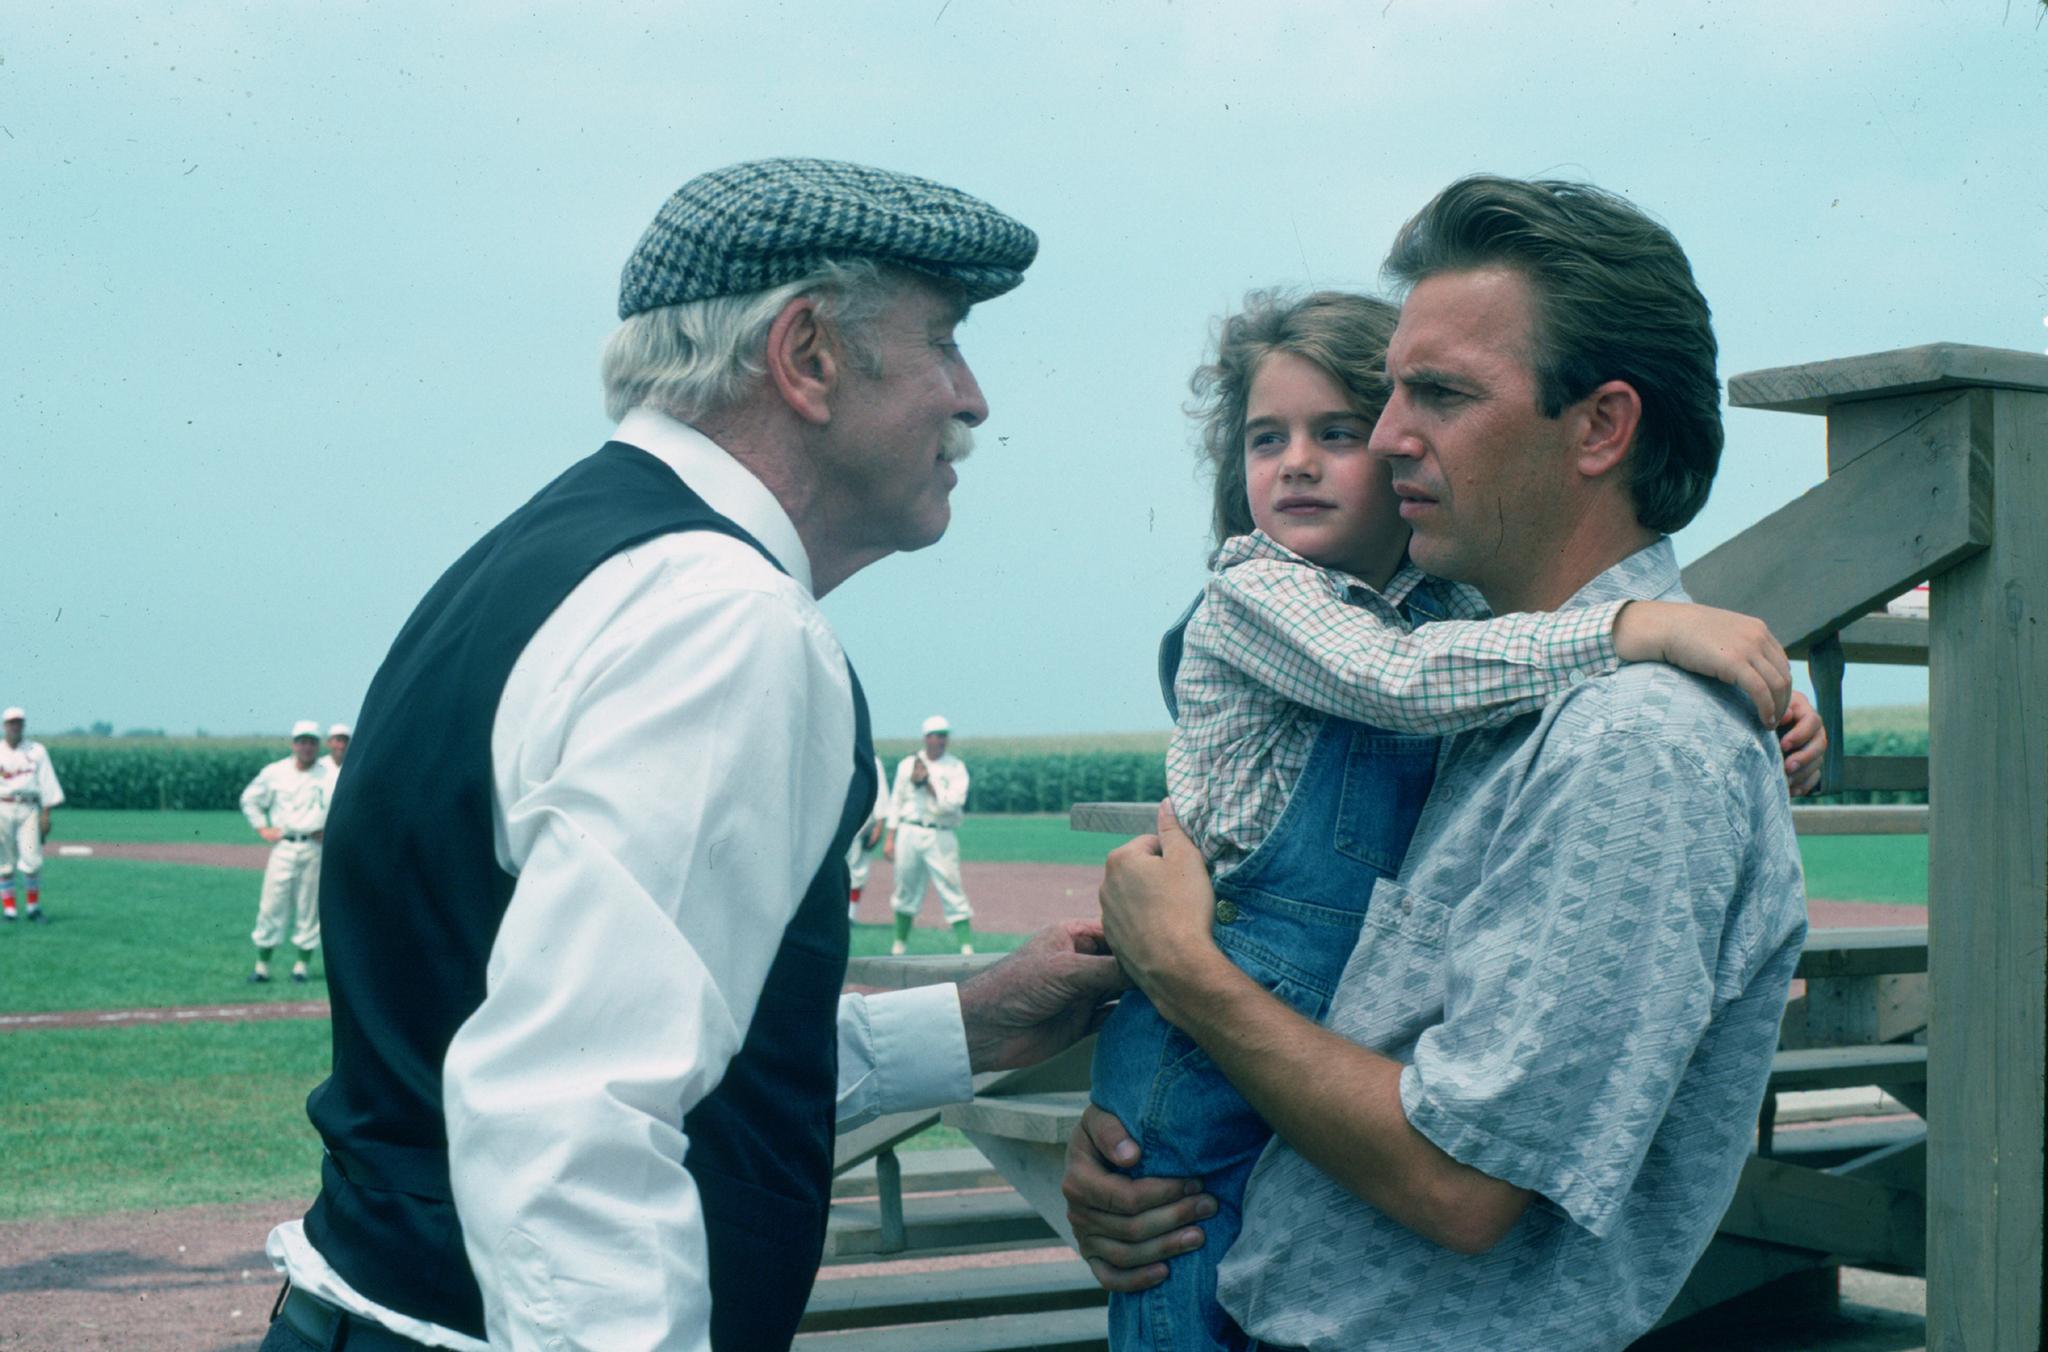 Burt Lancaster, Kevin Costner, and Gaby Hoffmann in Field of Dreams (1989)